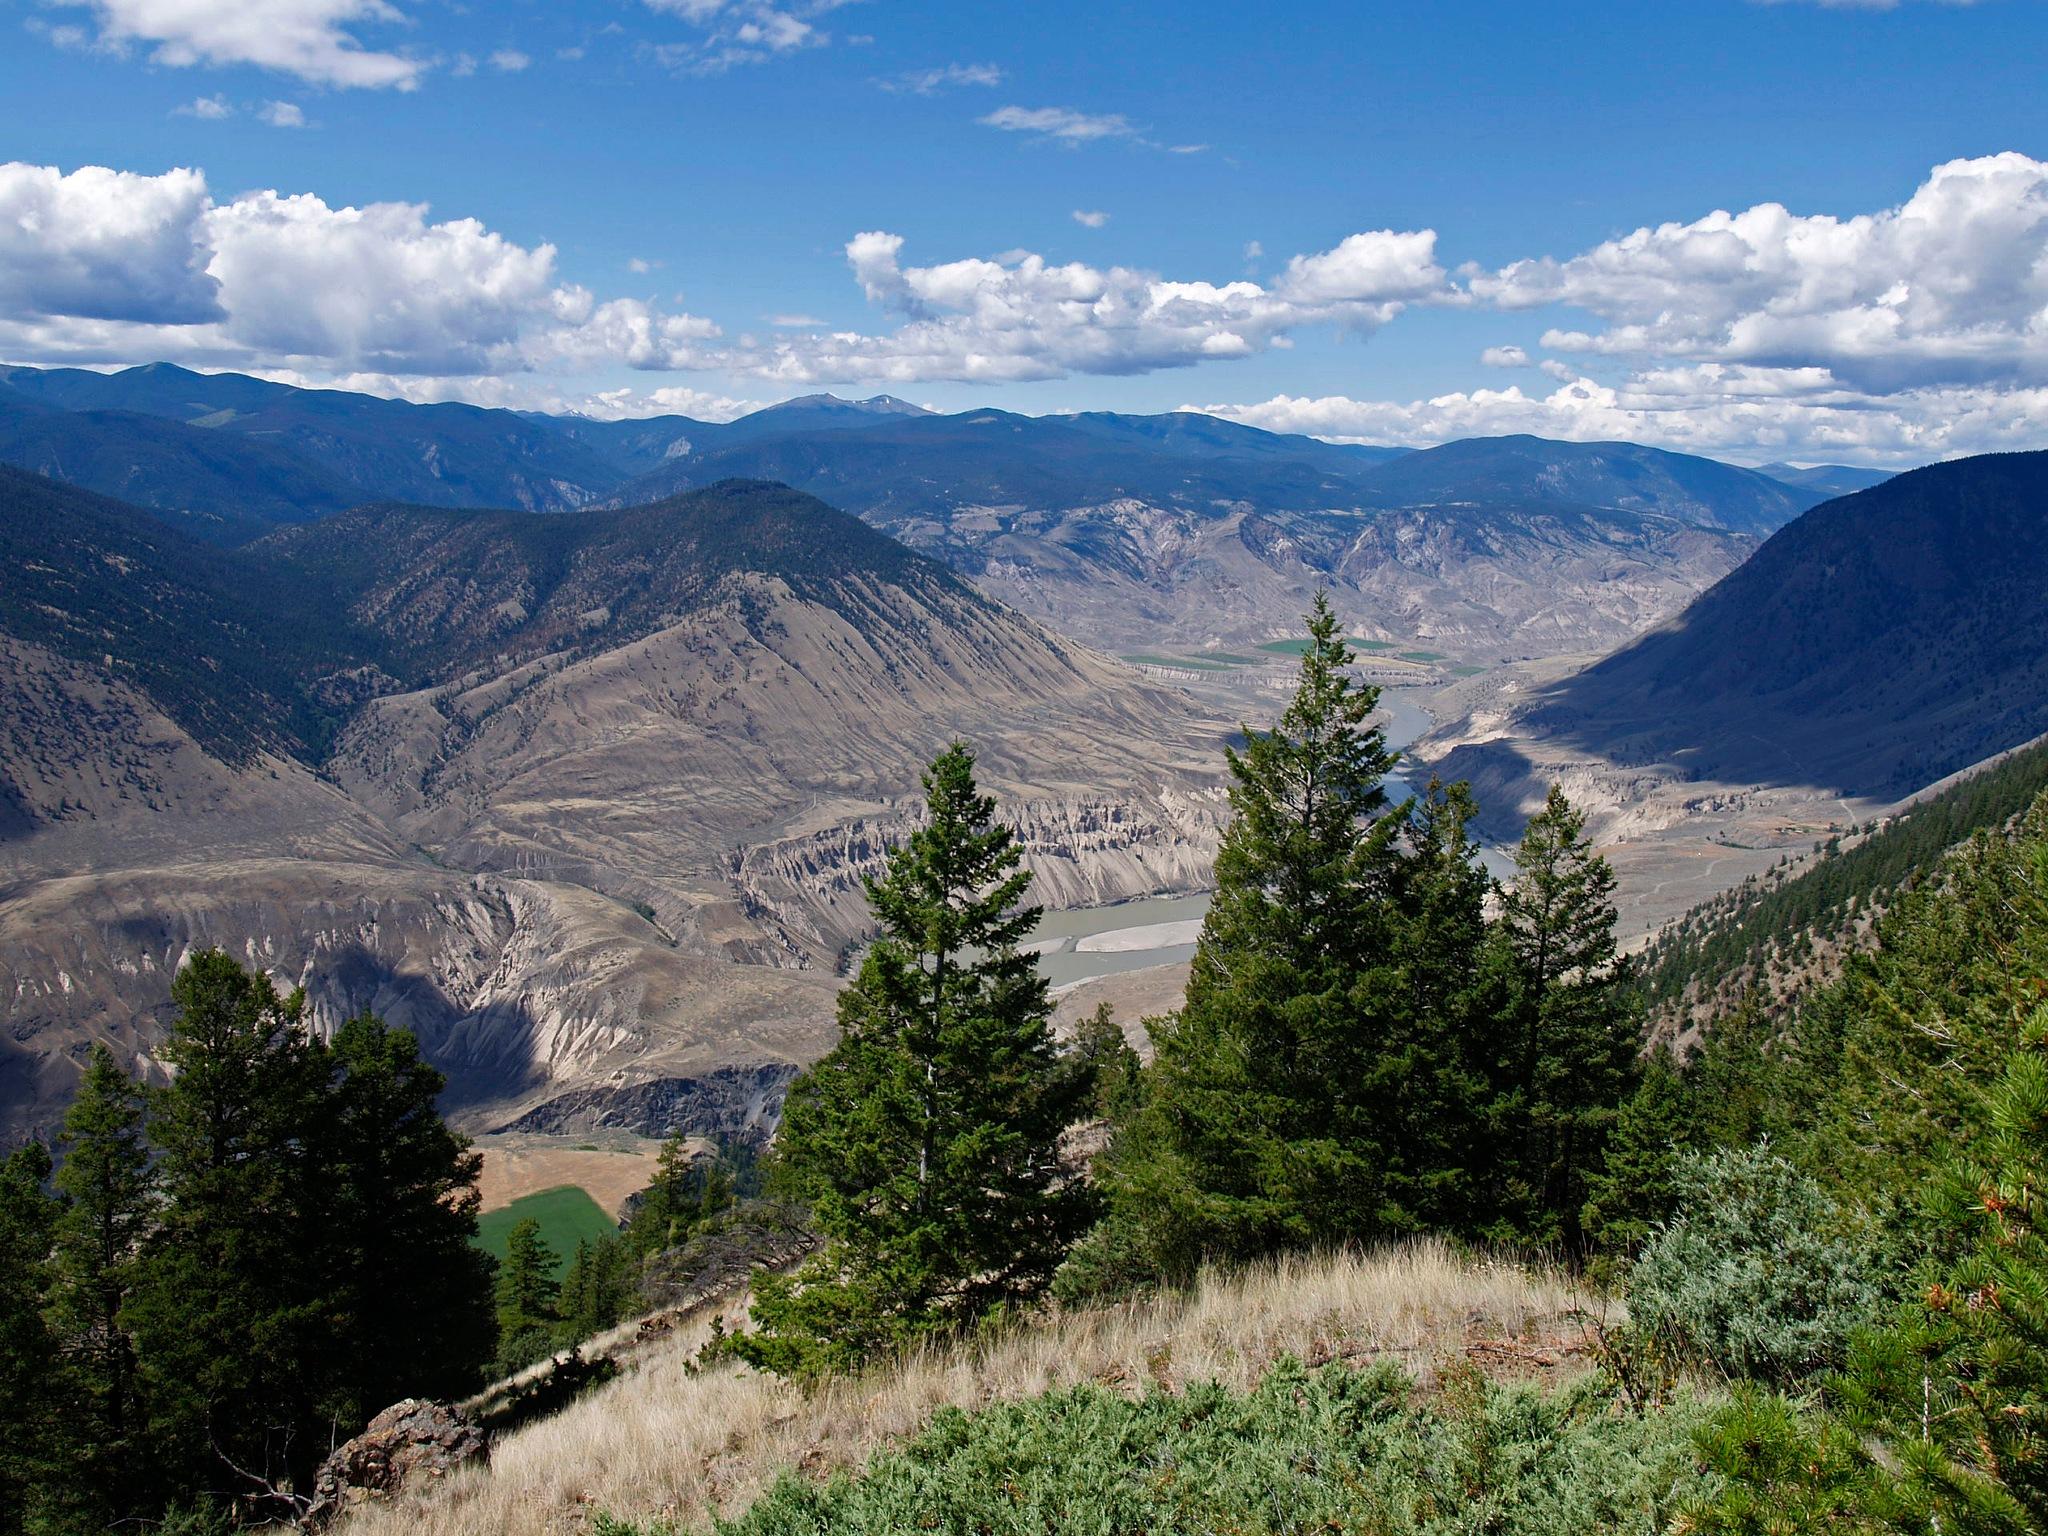 Fraser Valley by Brigitte Werner